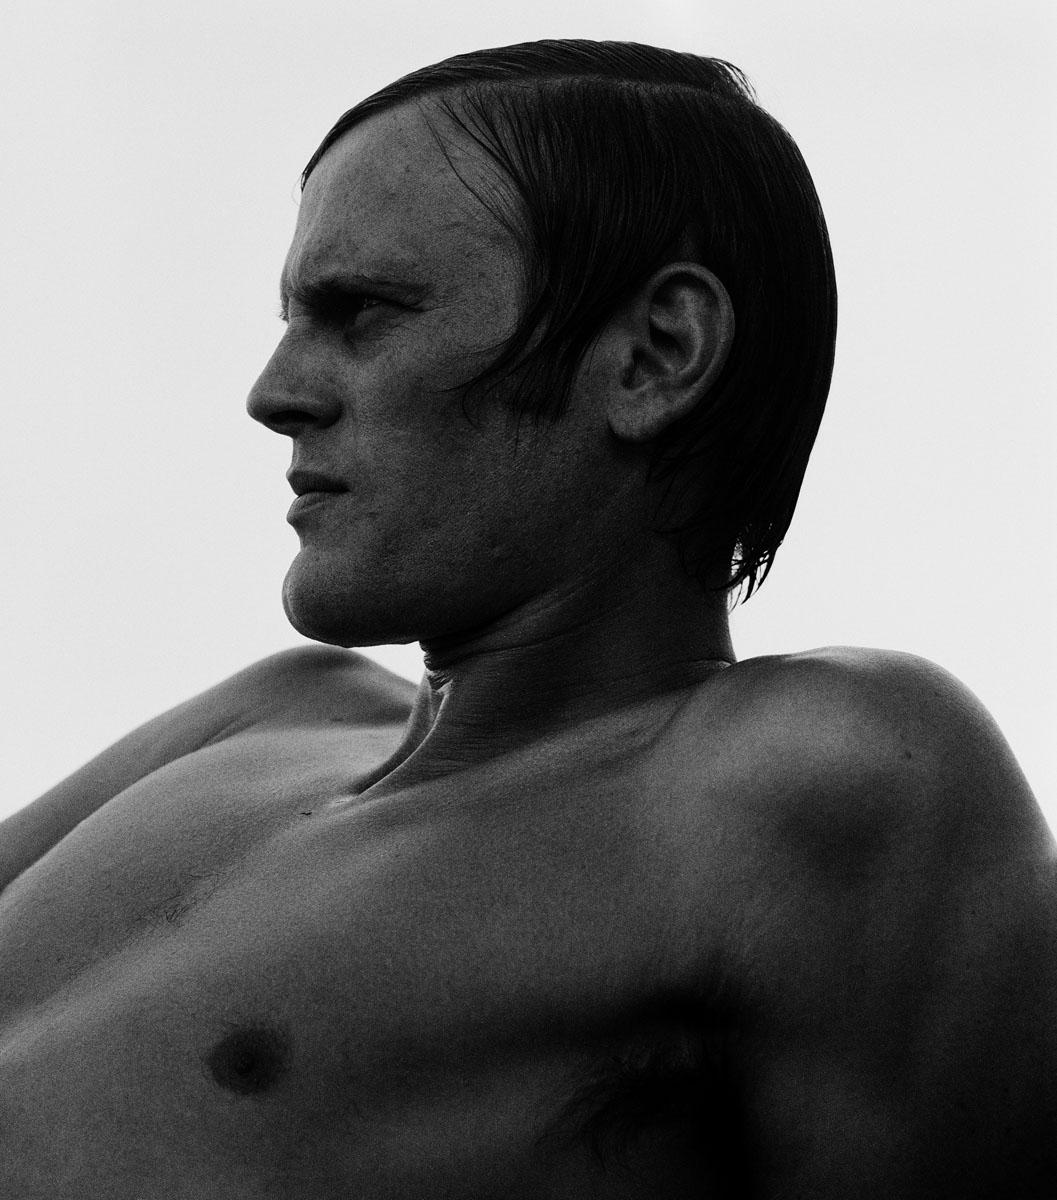 La photographie montre un homme à mi-corps vu de profil.